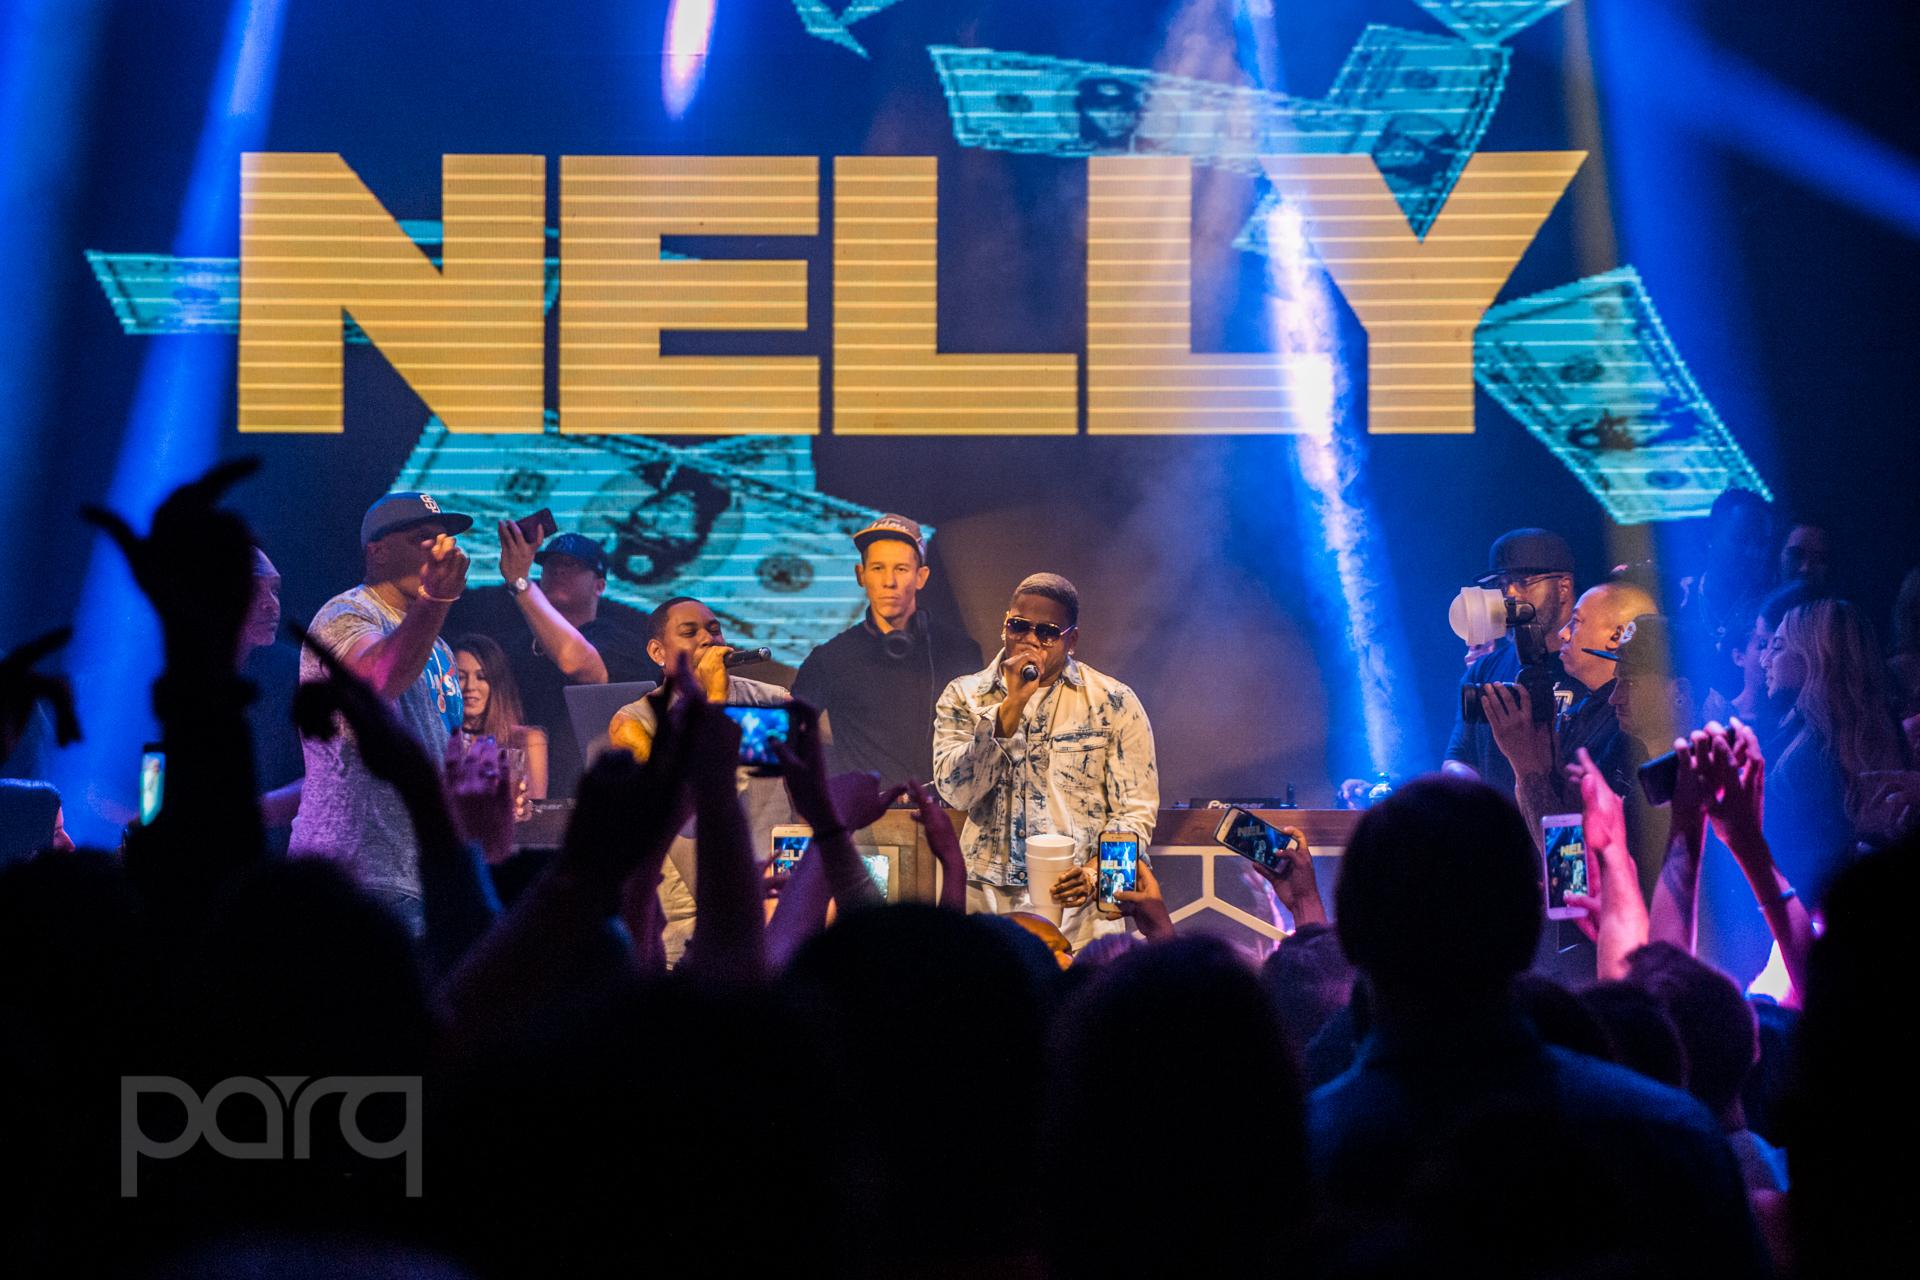 09.09.17 Parq - Nelly-16.jpg